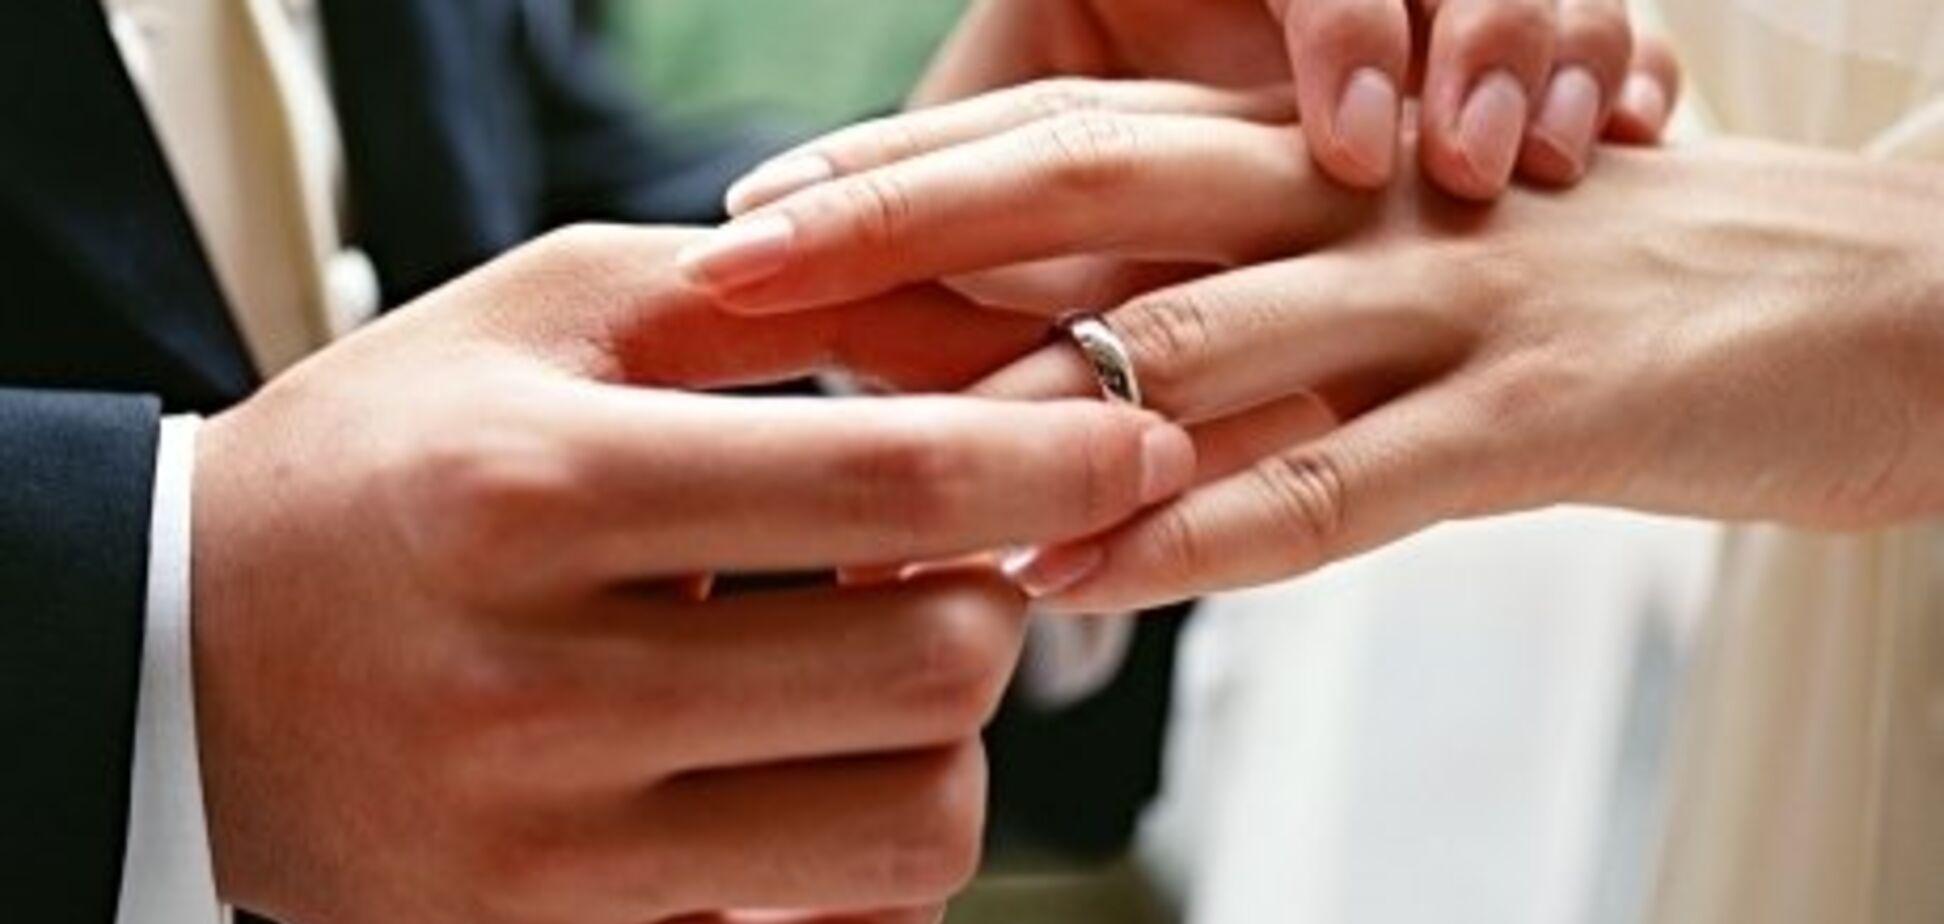 Супруг может делать все, что захочет: избивать, не давать денег, шантажировать